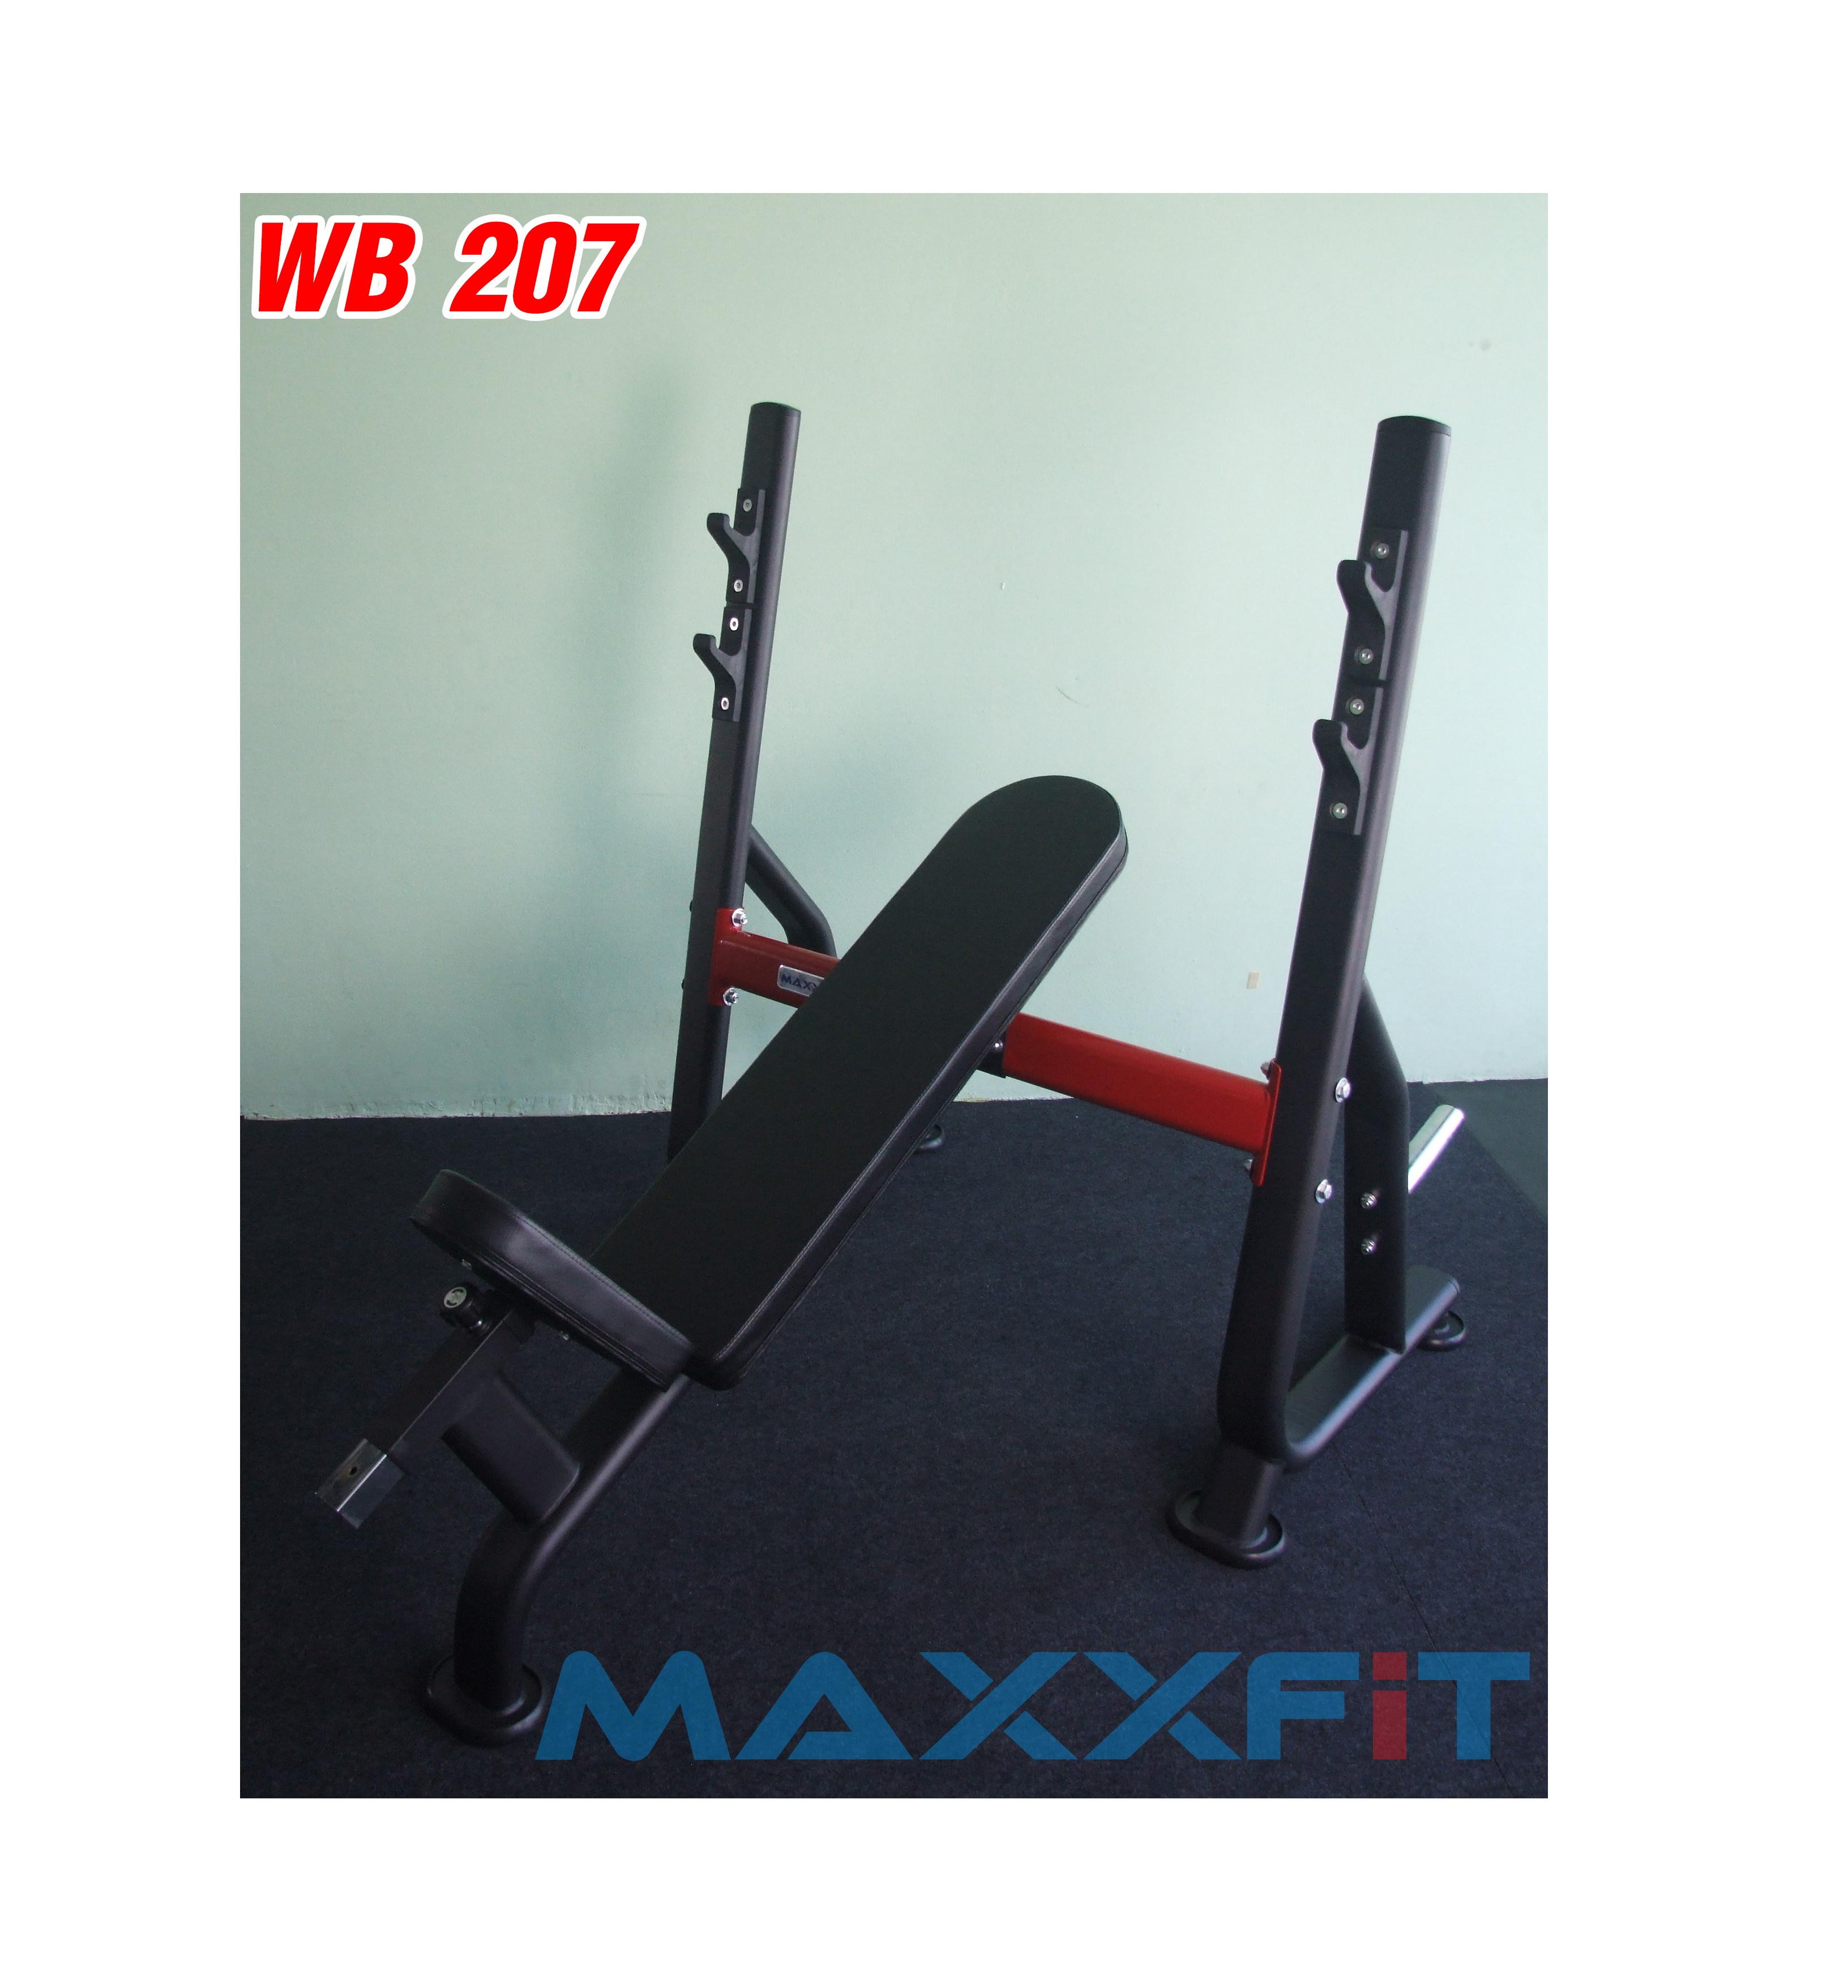 ขาย ม้านอนเล่นบาร์เบล MAXXFiT รุ่น WB207